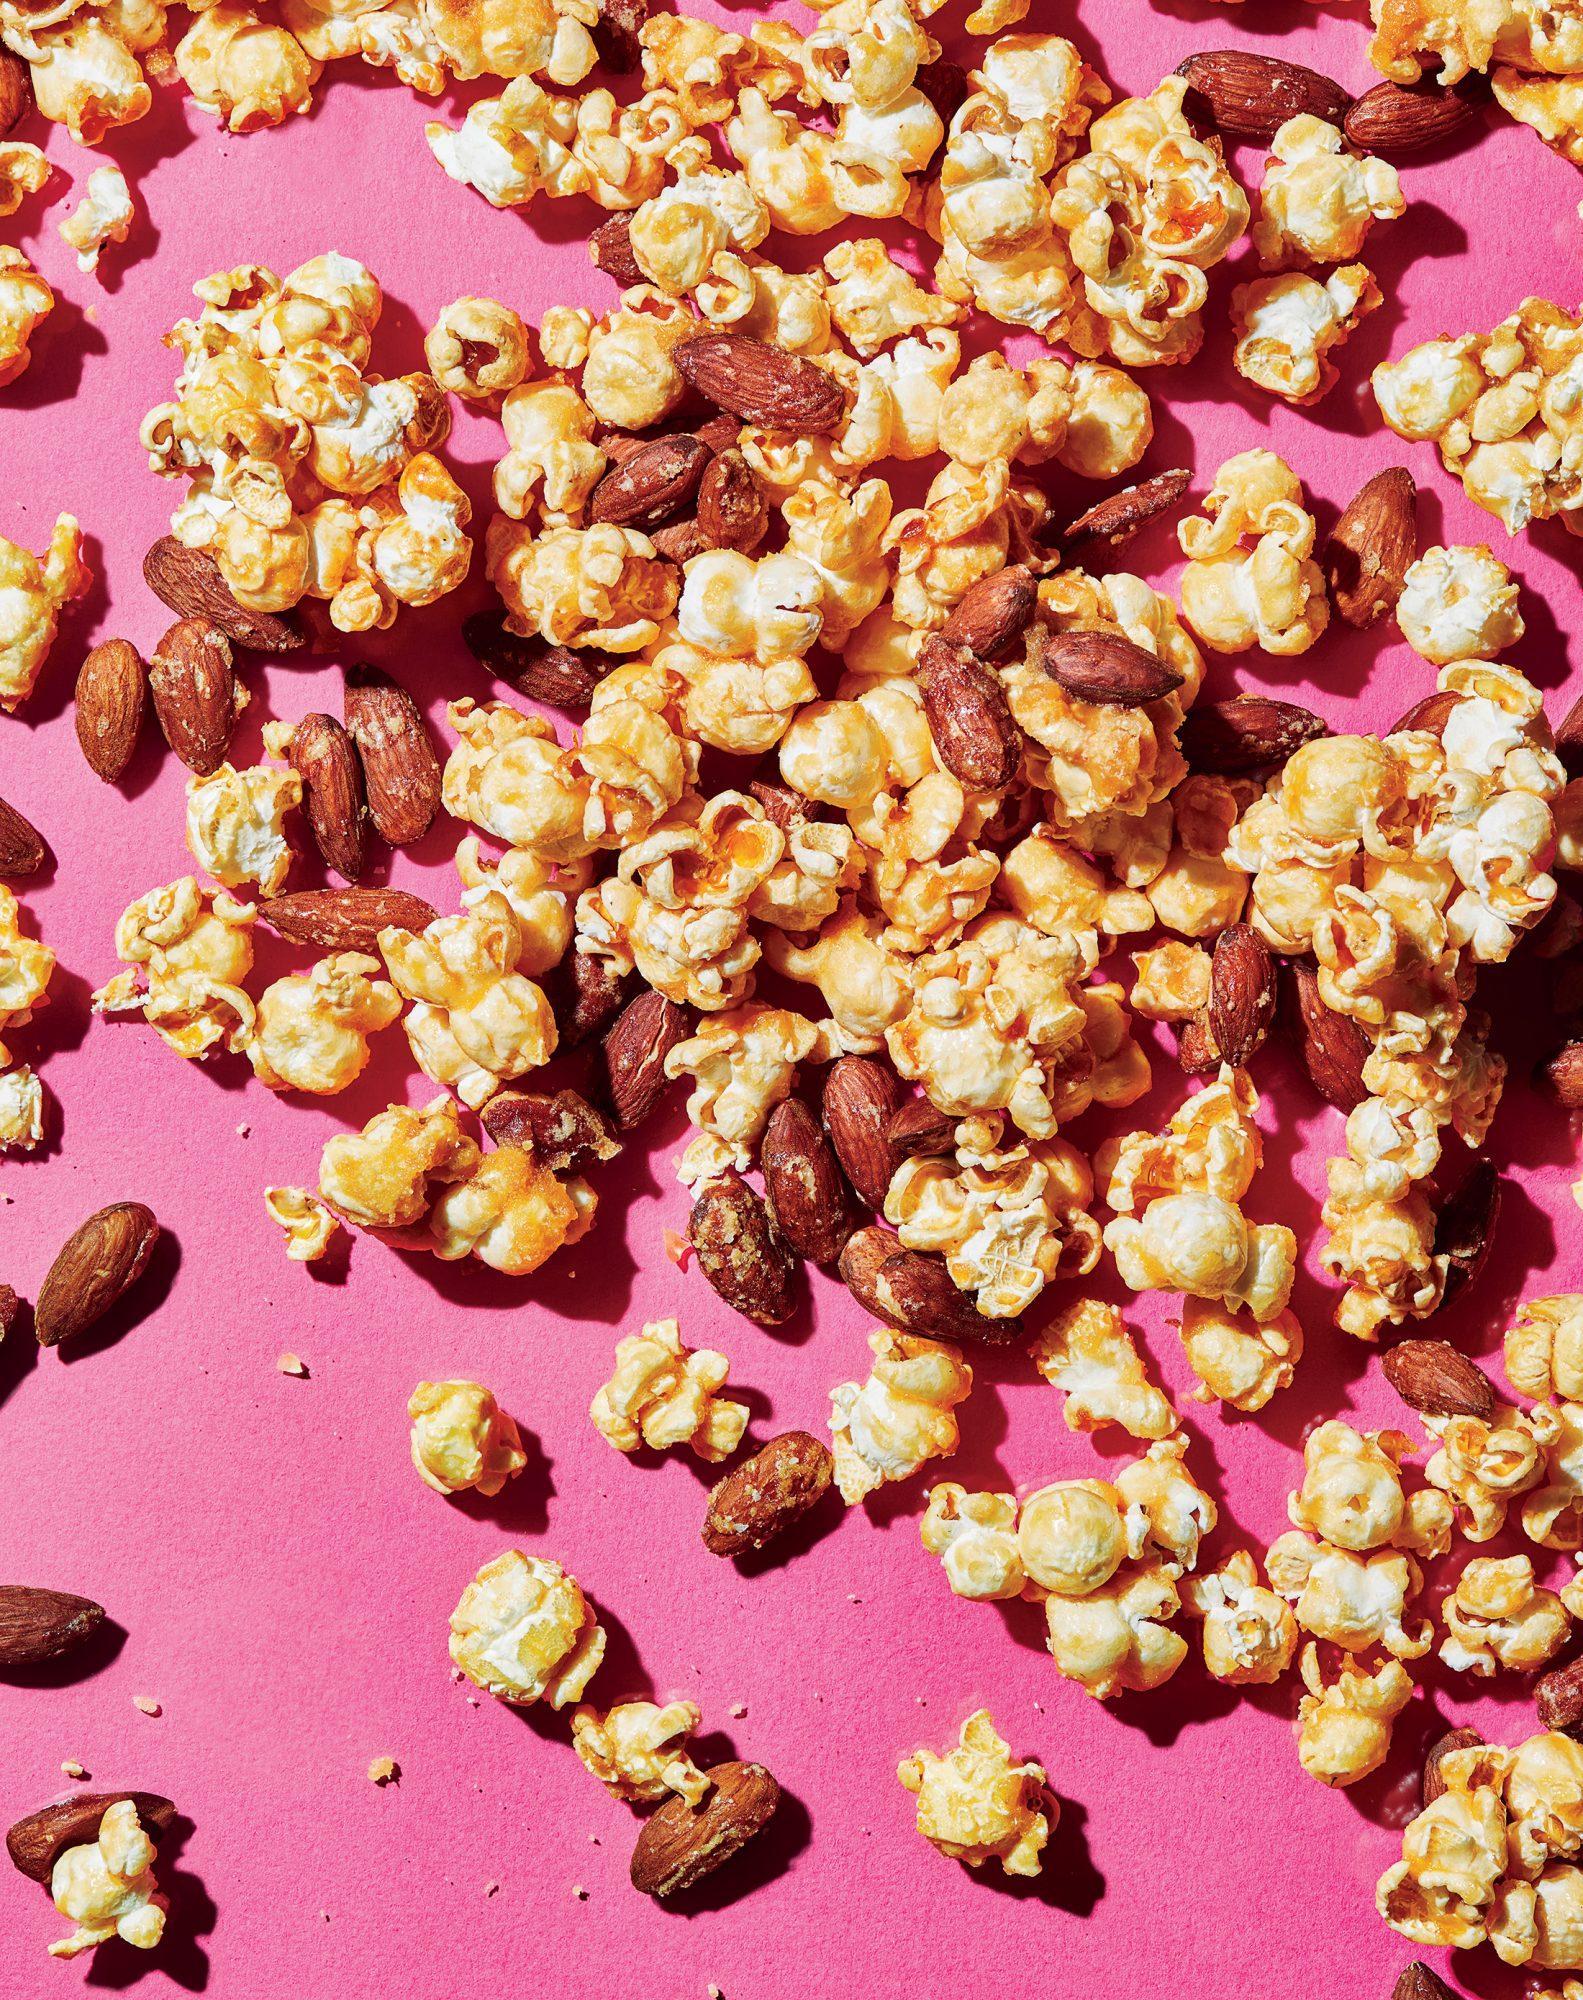 Miso-Caramel-Tamari Popcorn Mix